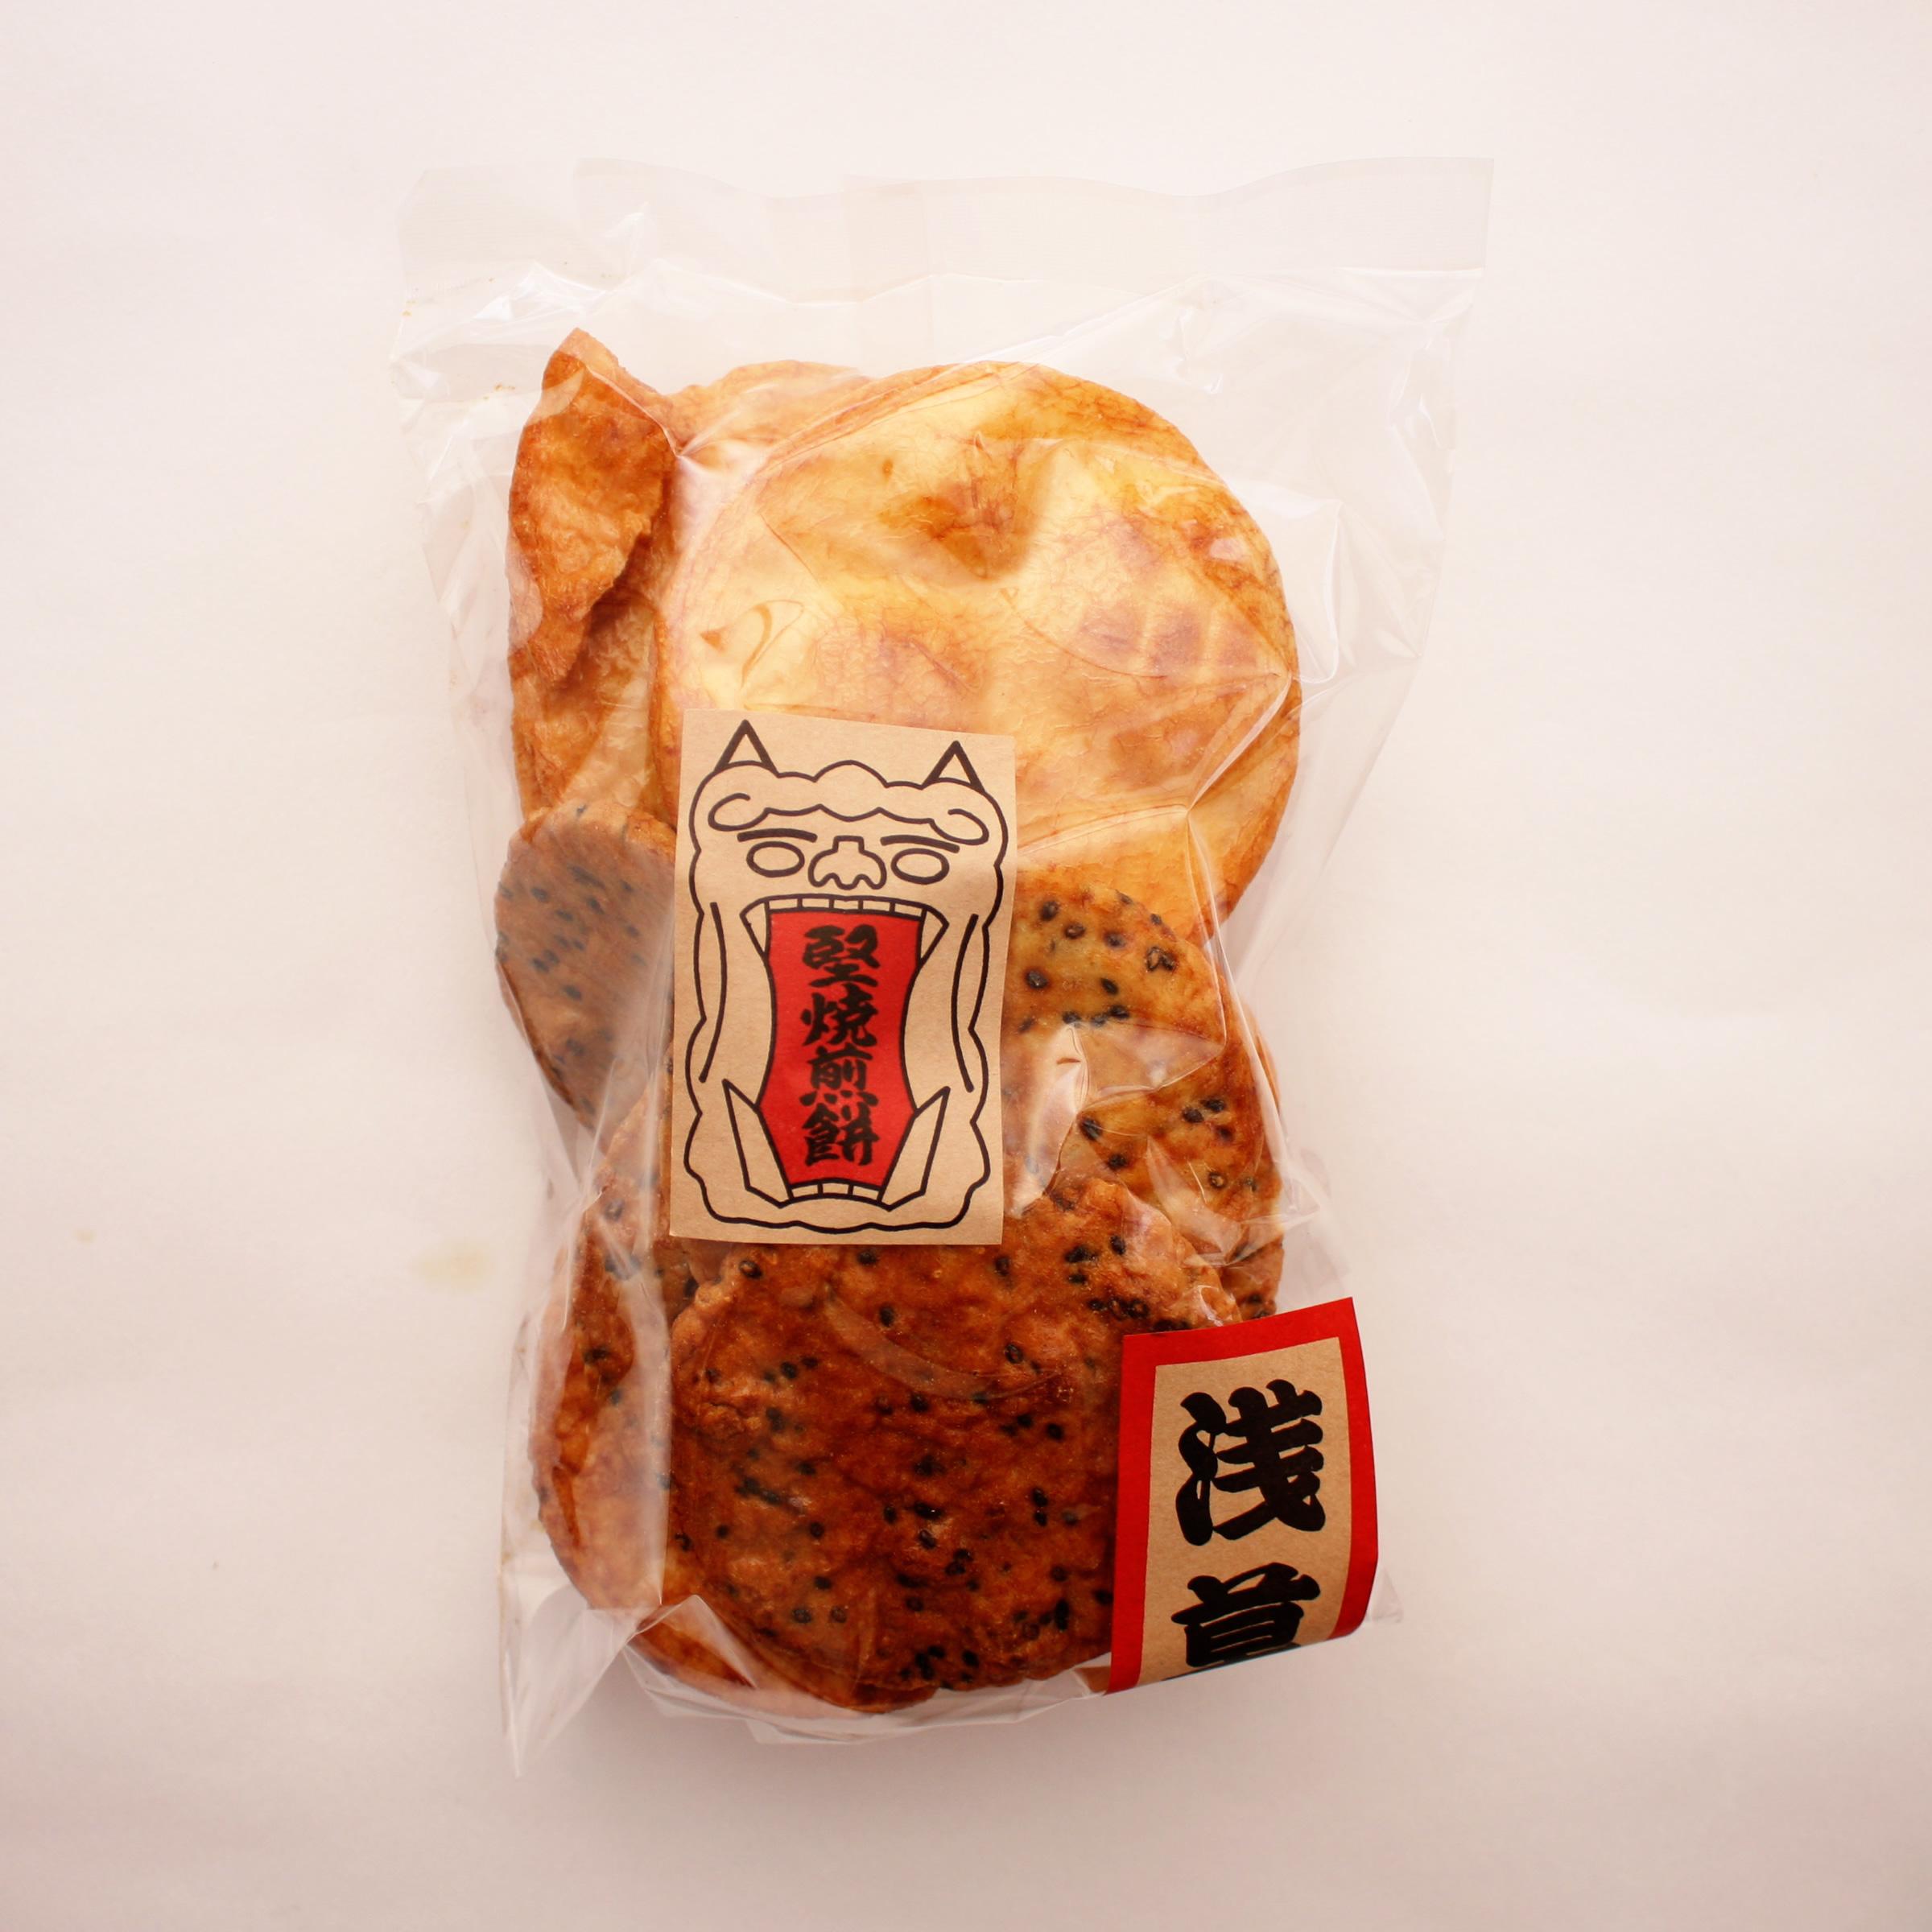 本来の厚焼き煎餅が1パックに醤油、胡麻、味噌のミックスされたものでいろいろなお味をお楽しみいただけます。